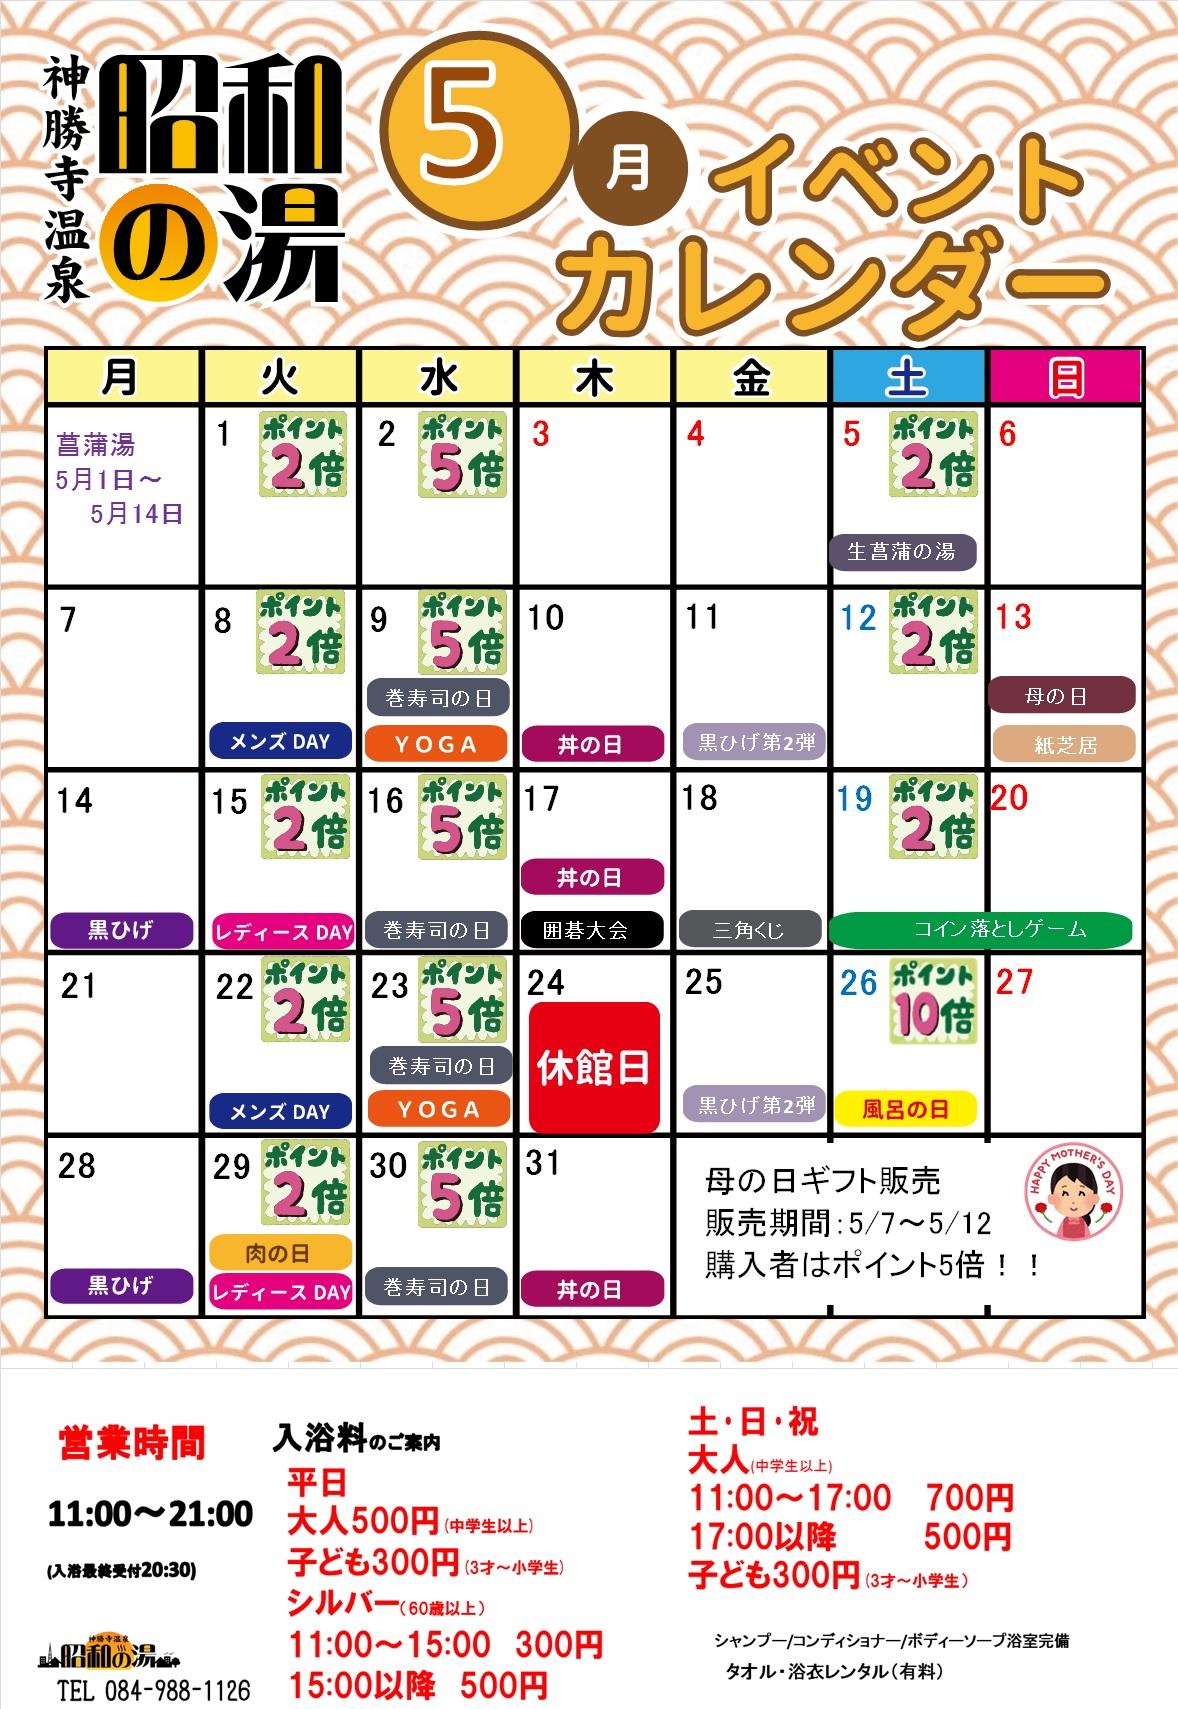 5月イベントカレンダー!お得なポイントデーもございます。